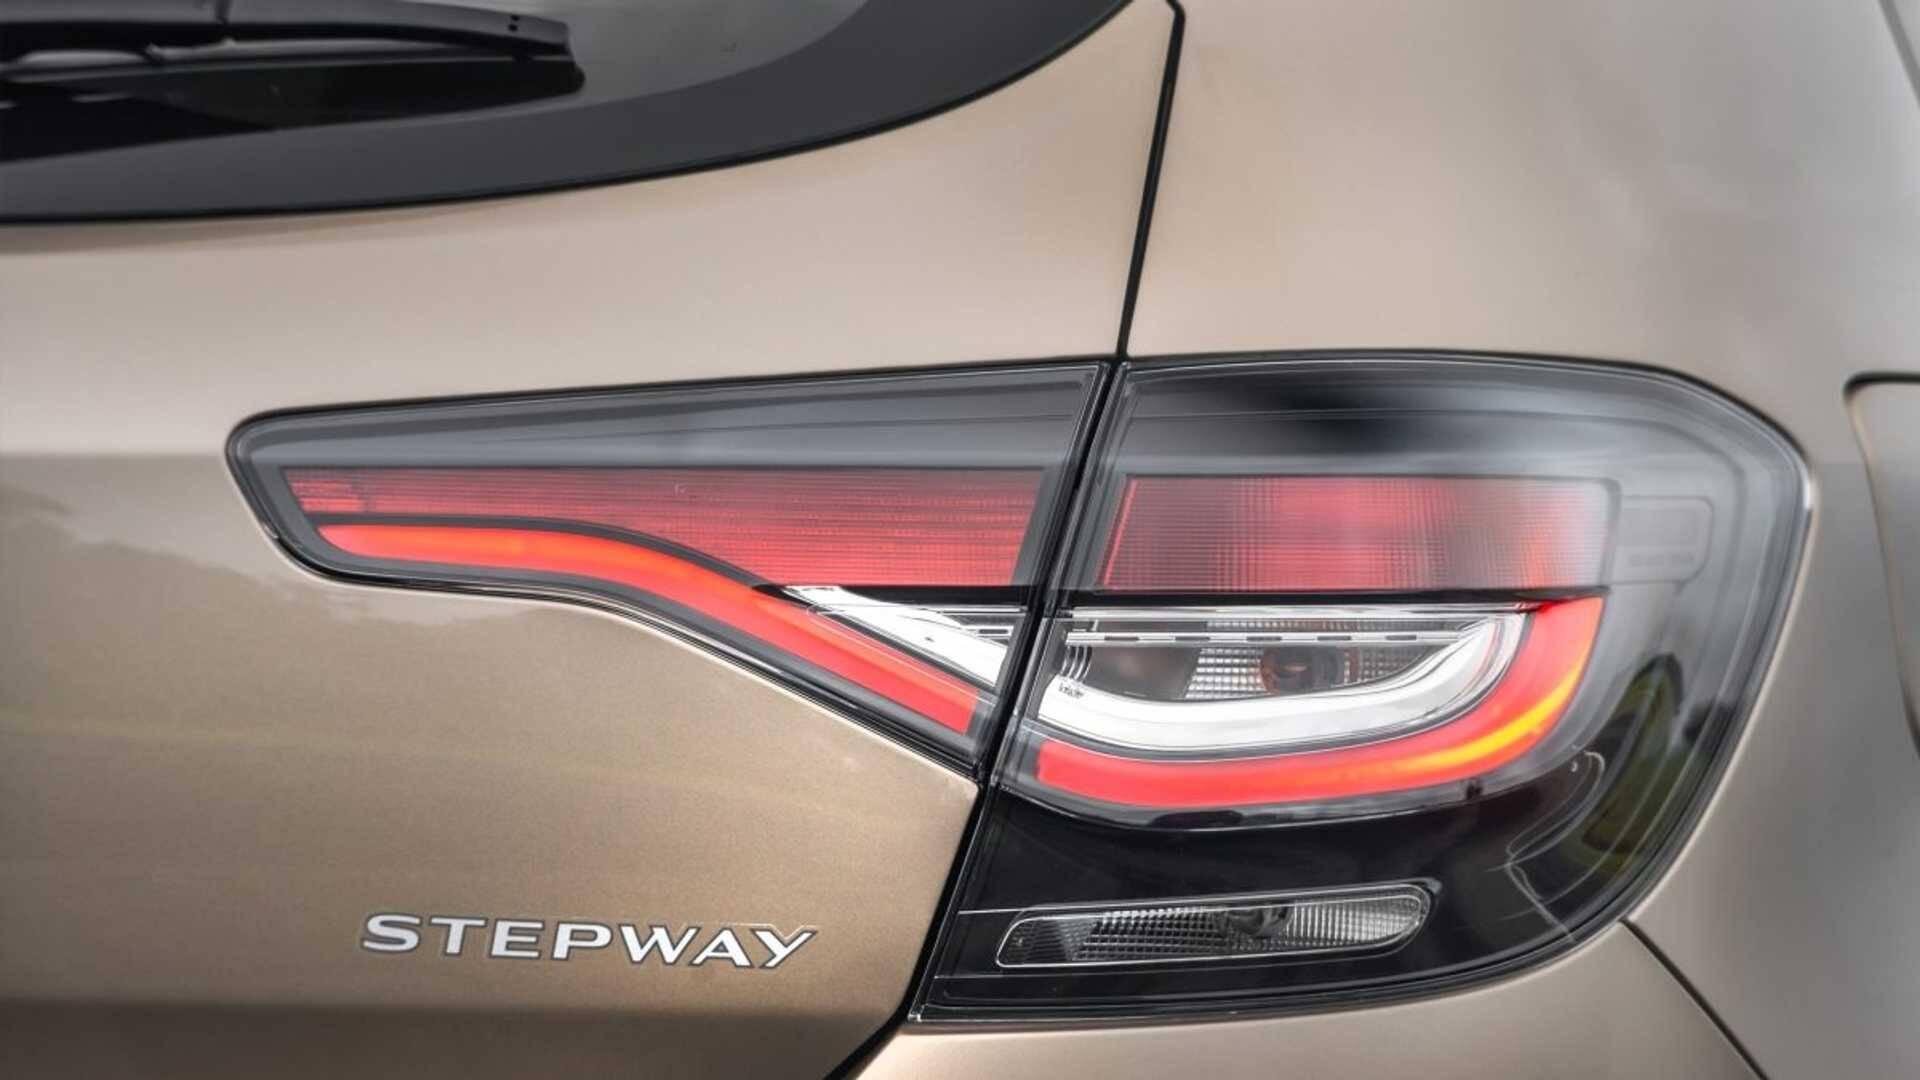 Renault Stepway. Foto: Divulgação